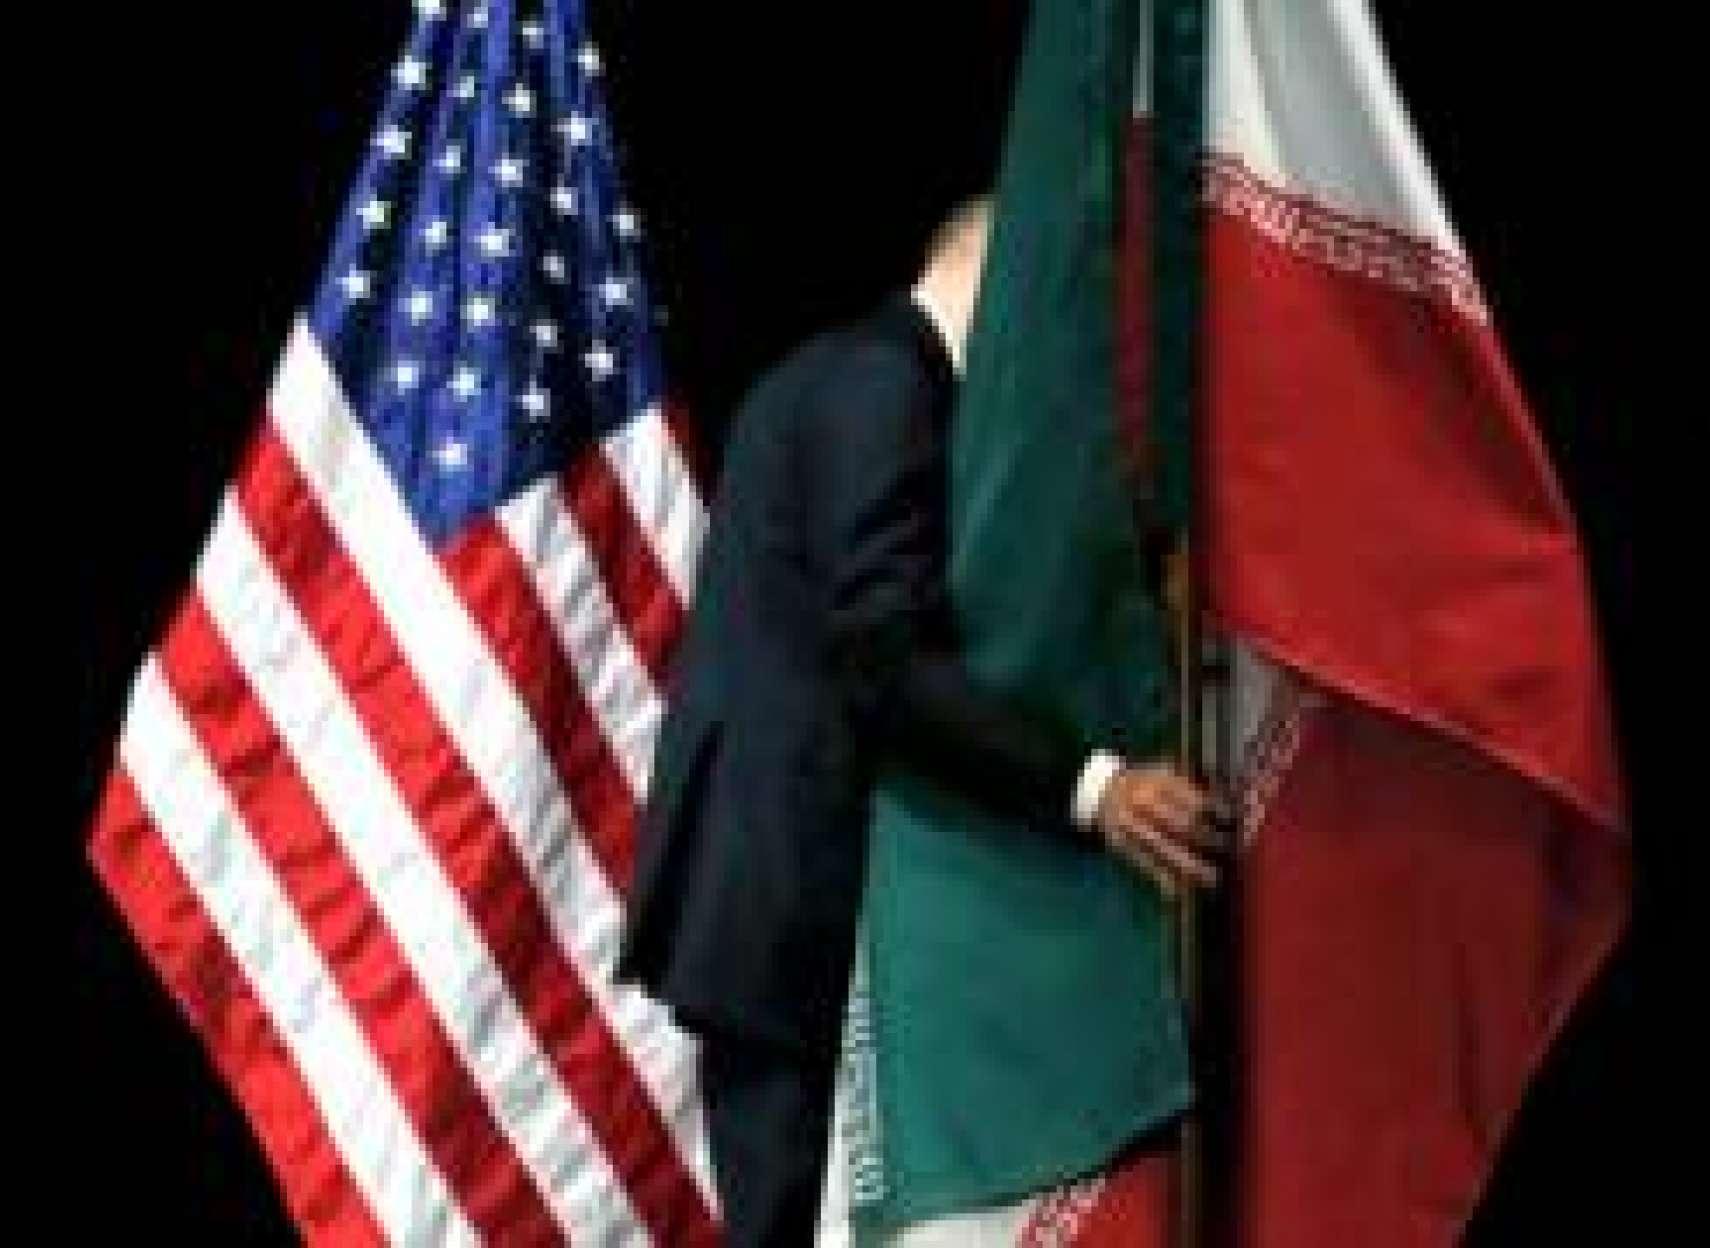 ایران-و-آمریکا-دوباره-از-روی-رینگ-به-پشت-میز-می-روند